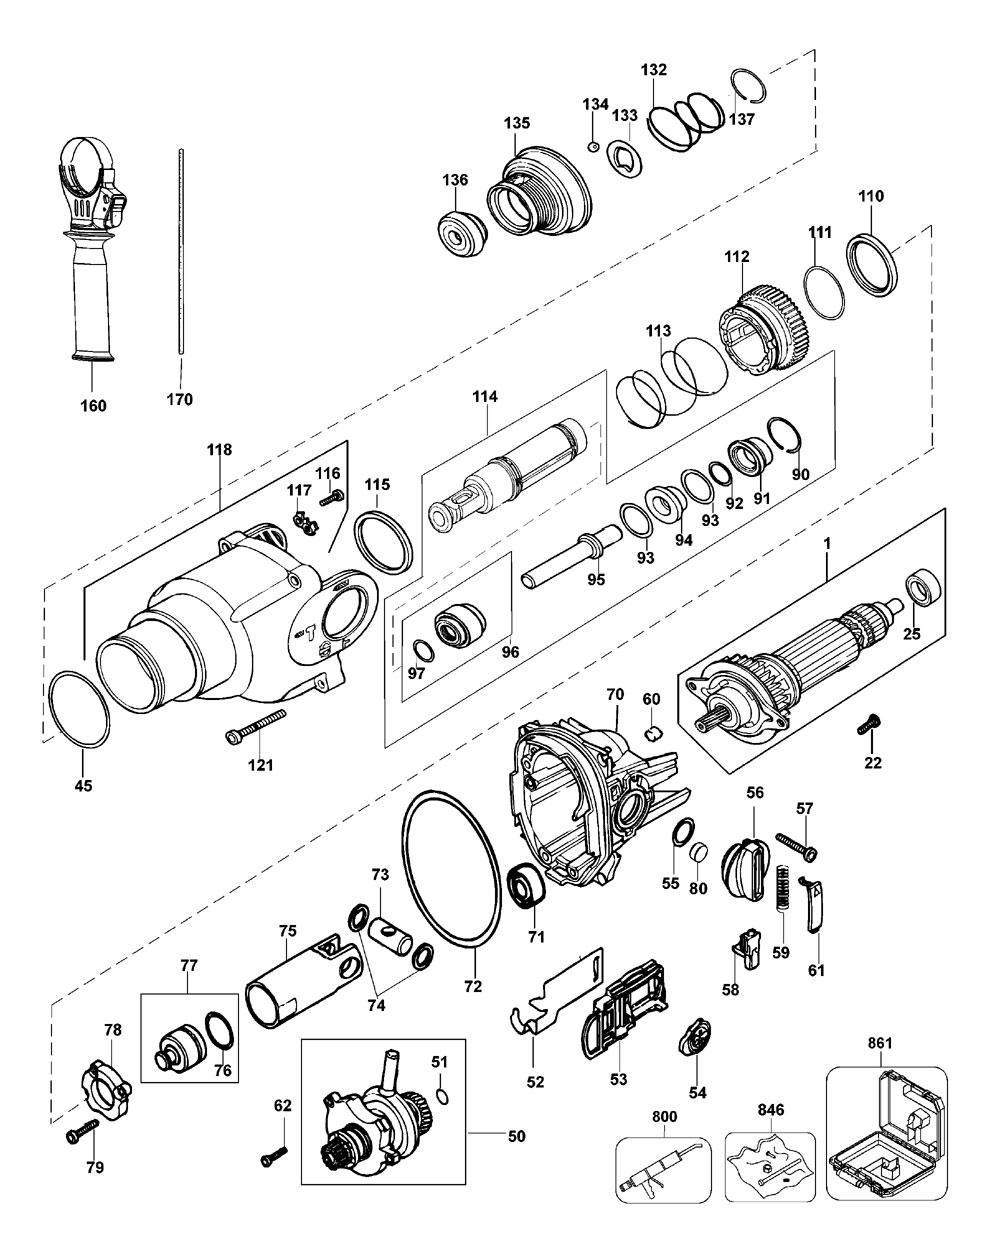 D25103KAR-Dewalt-T1-PB-1Break Down